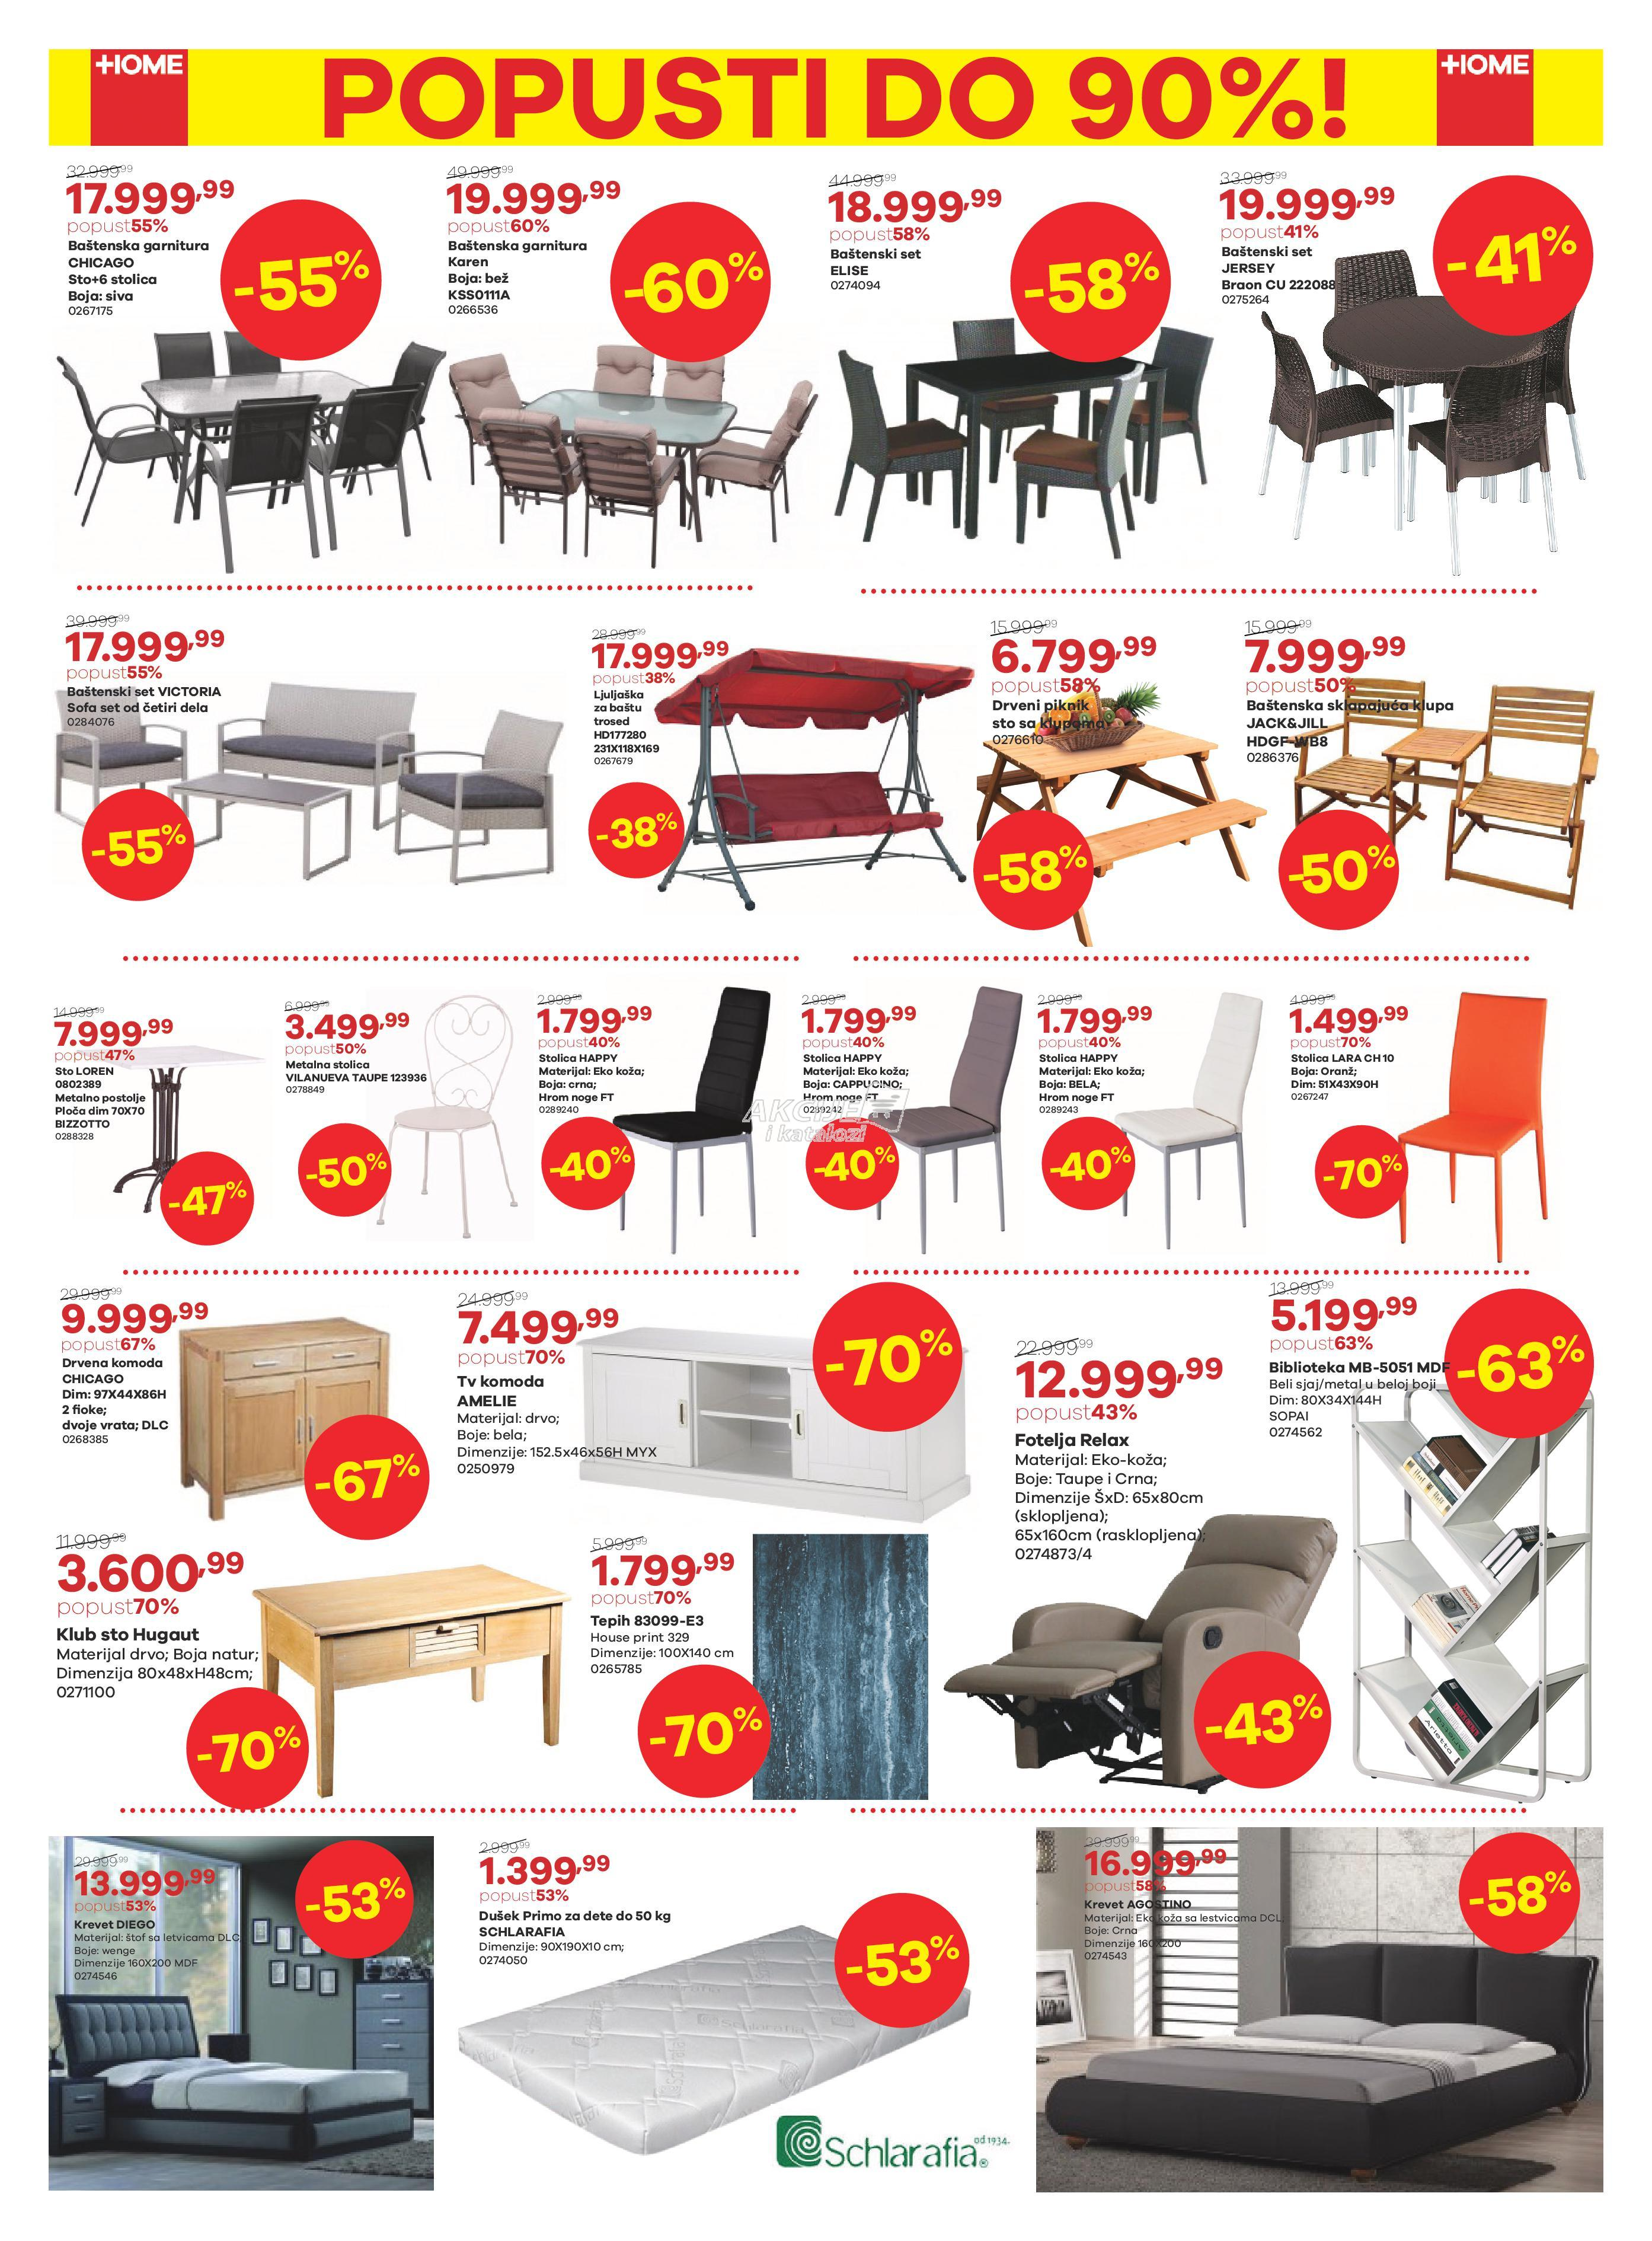 Home Center akcija super cena